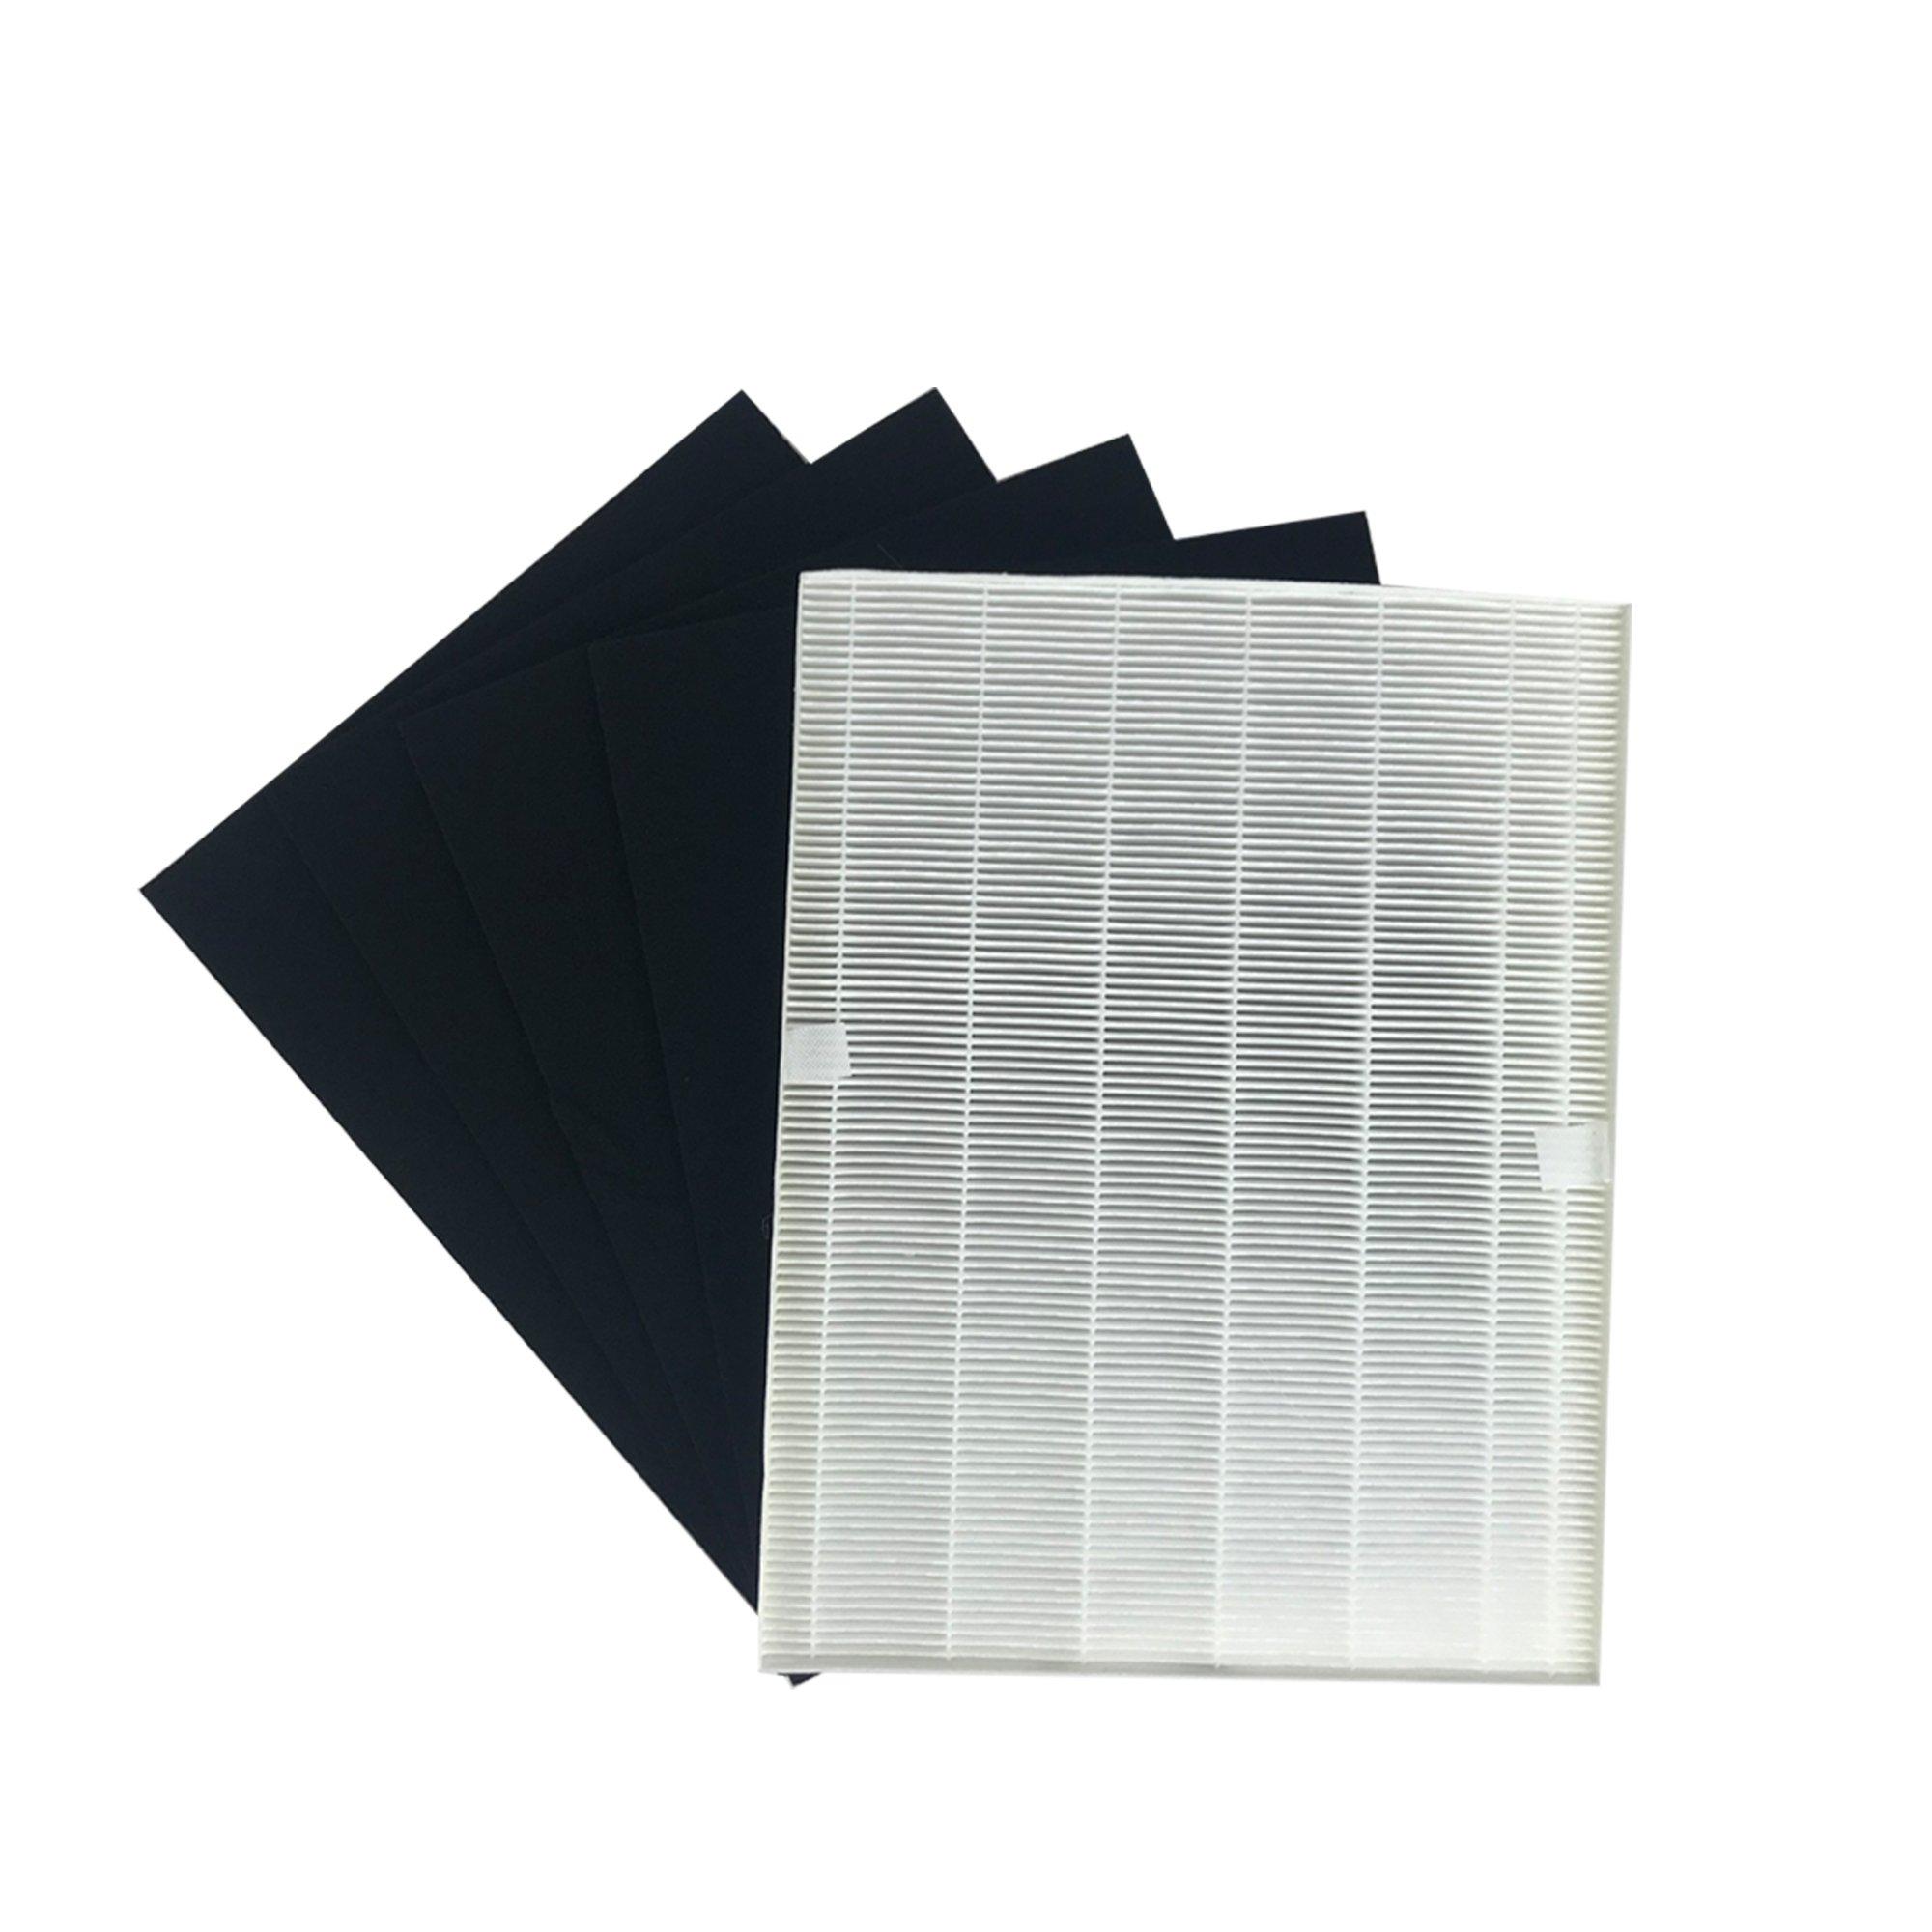 1 Electrolux EL024, EL017 & EL500 HEPA FIlter & 4 Carbon Filters, Compare to part # EL024, EL017 & EL500, Designed & Engineered by Crucial Air